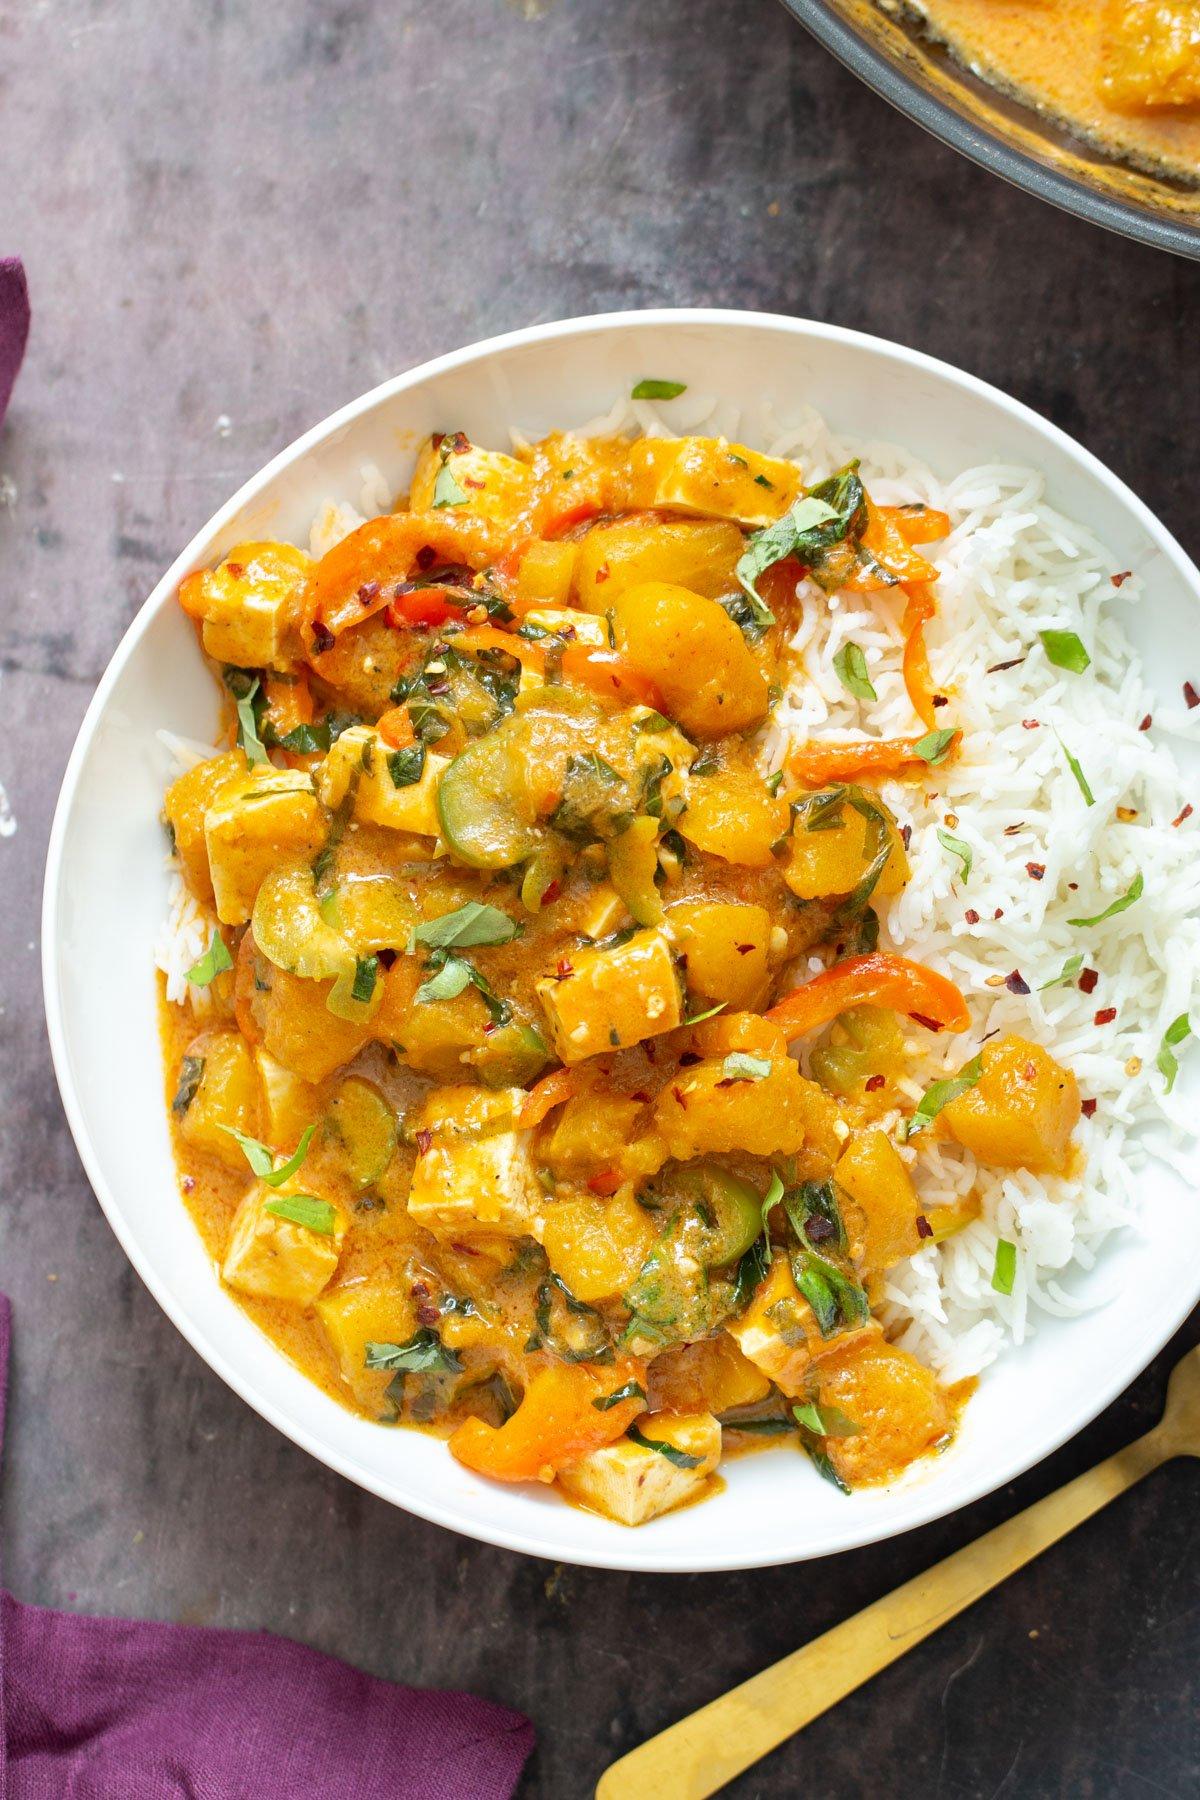 थाई कद्दू करी चावल के साथ परोसा जाता है